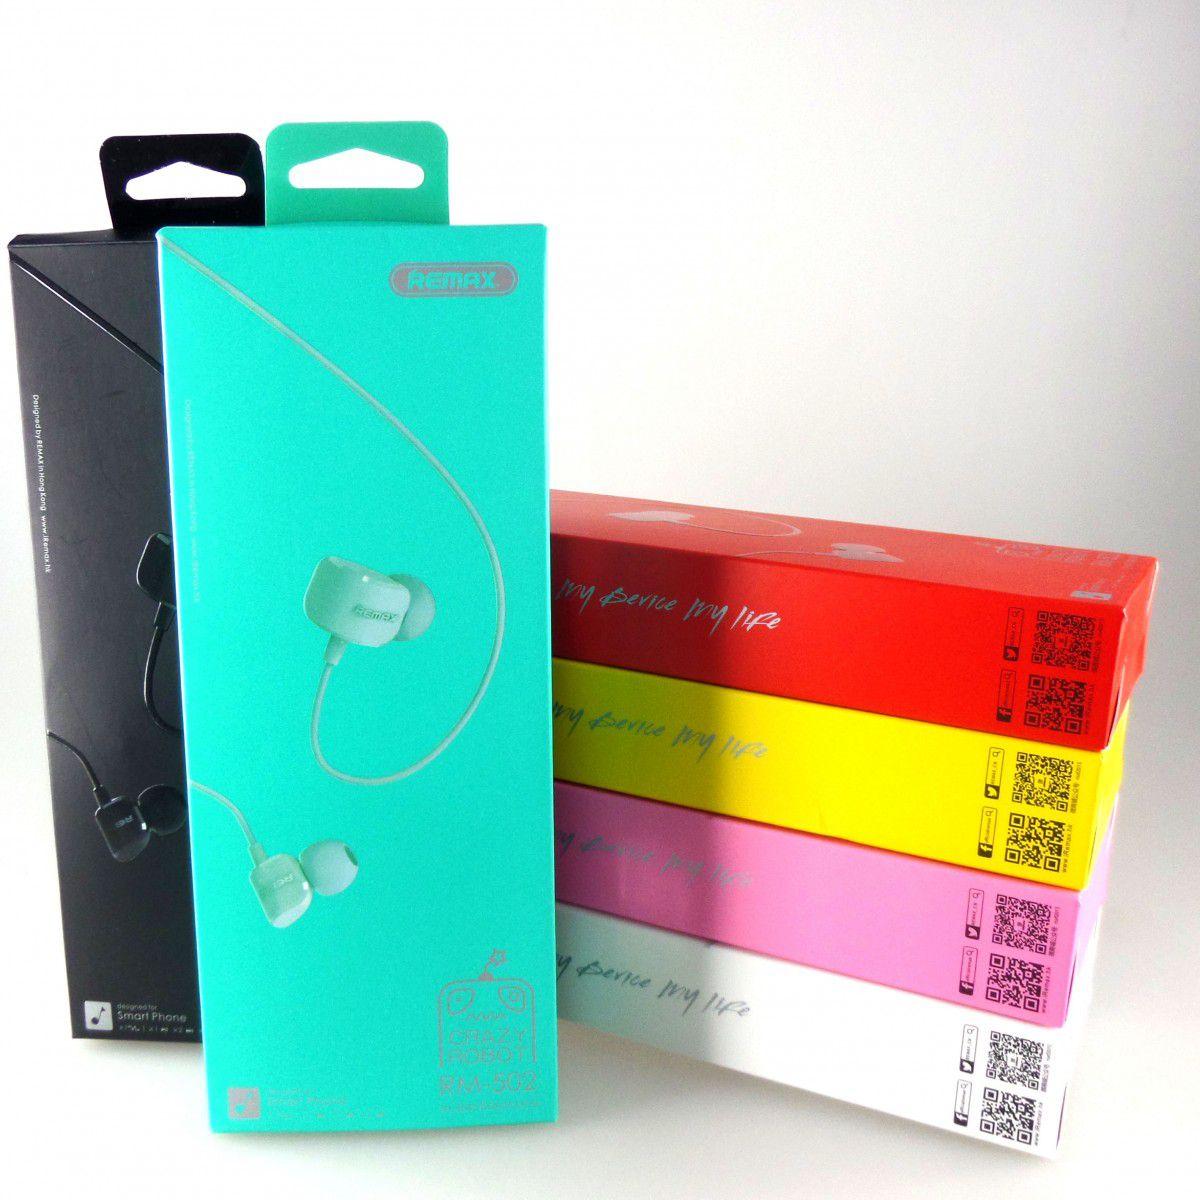 Fone de ouvido com fio Remax RM-502